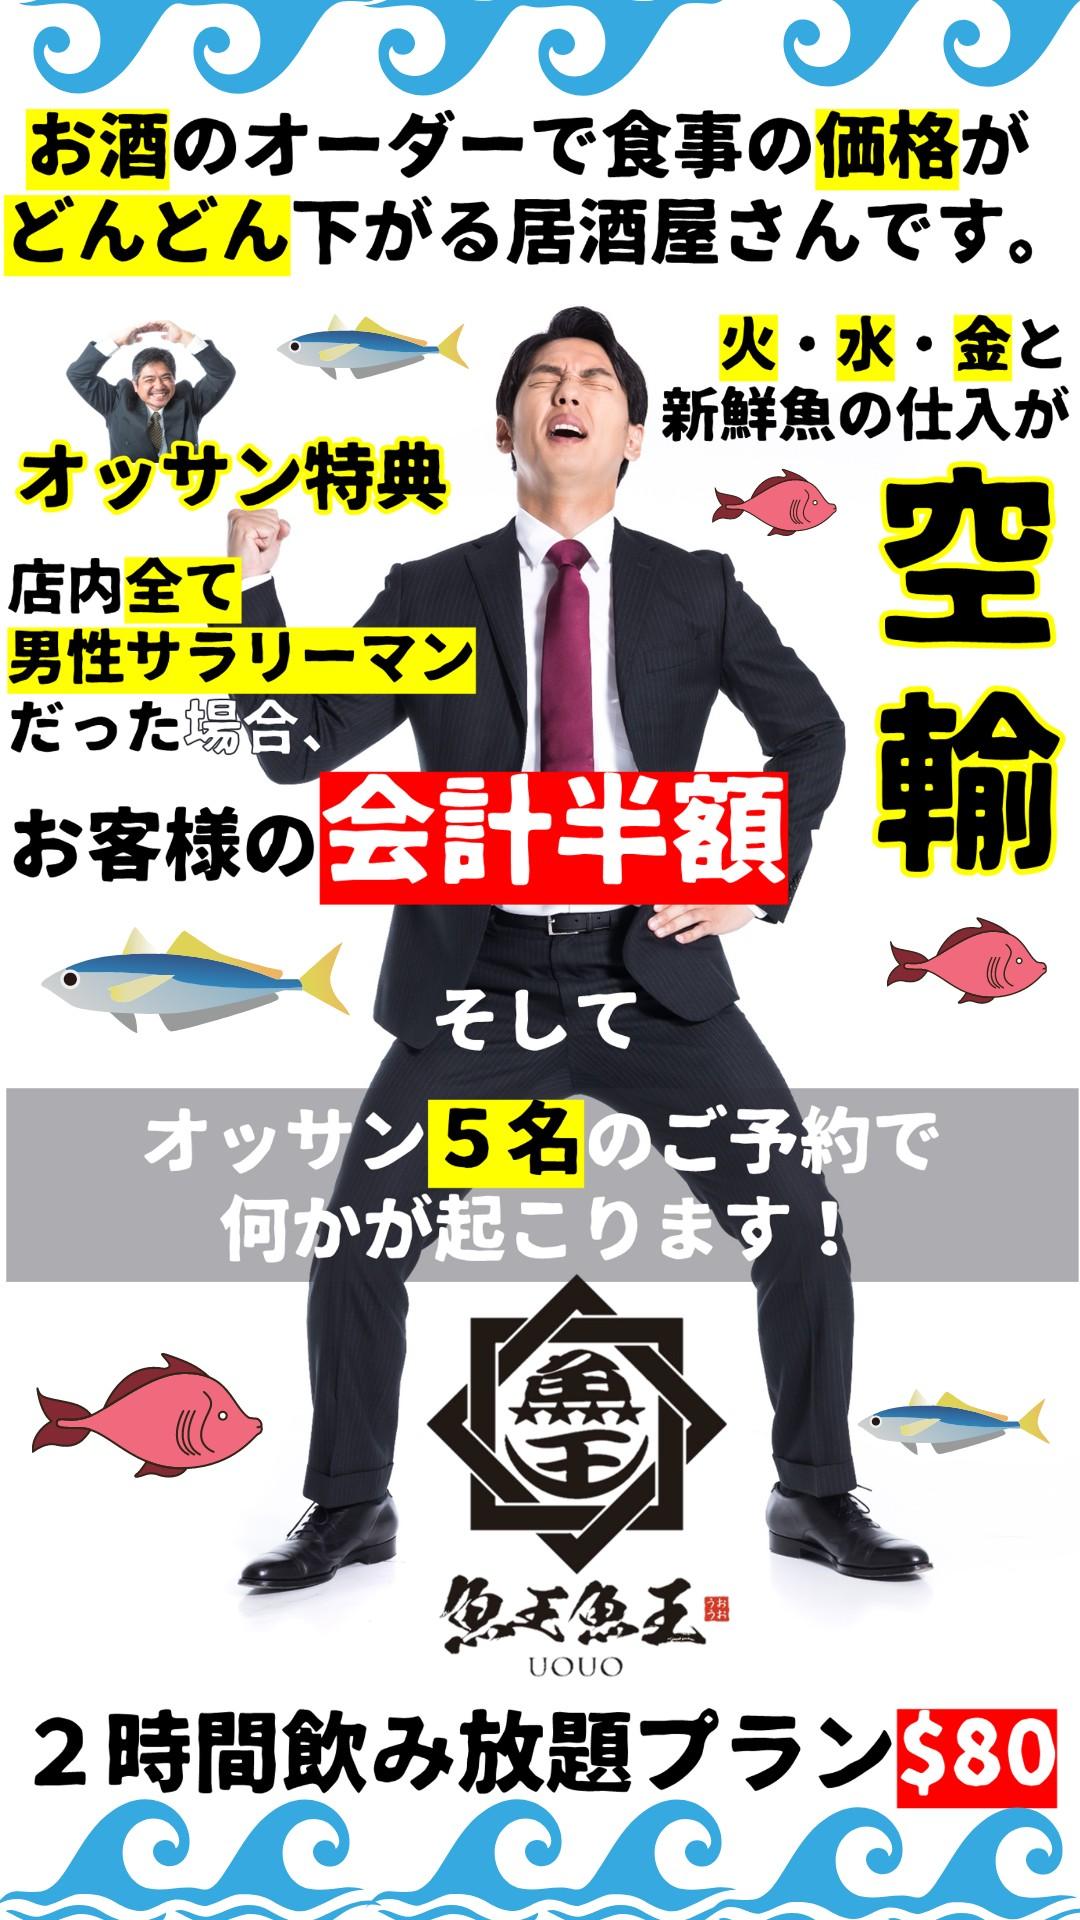 シンガポール魚王魚王 オッサンプロモ